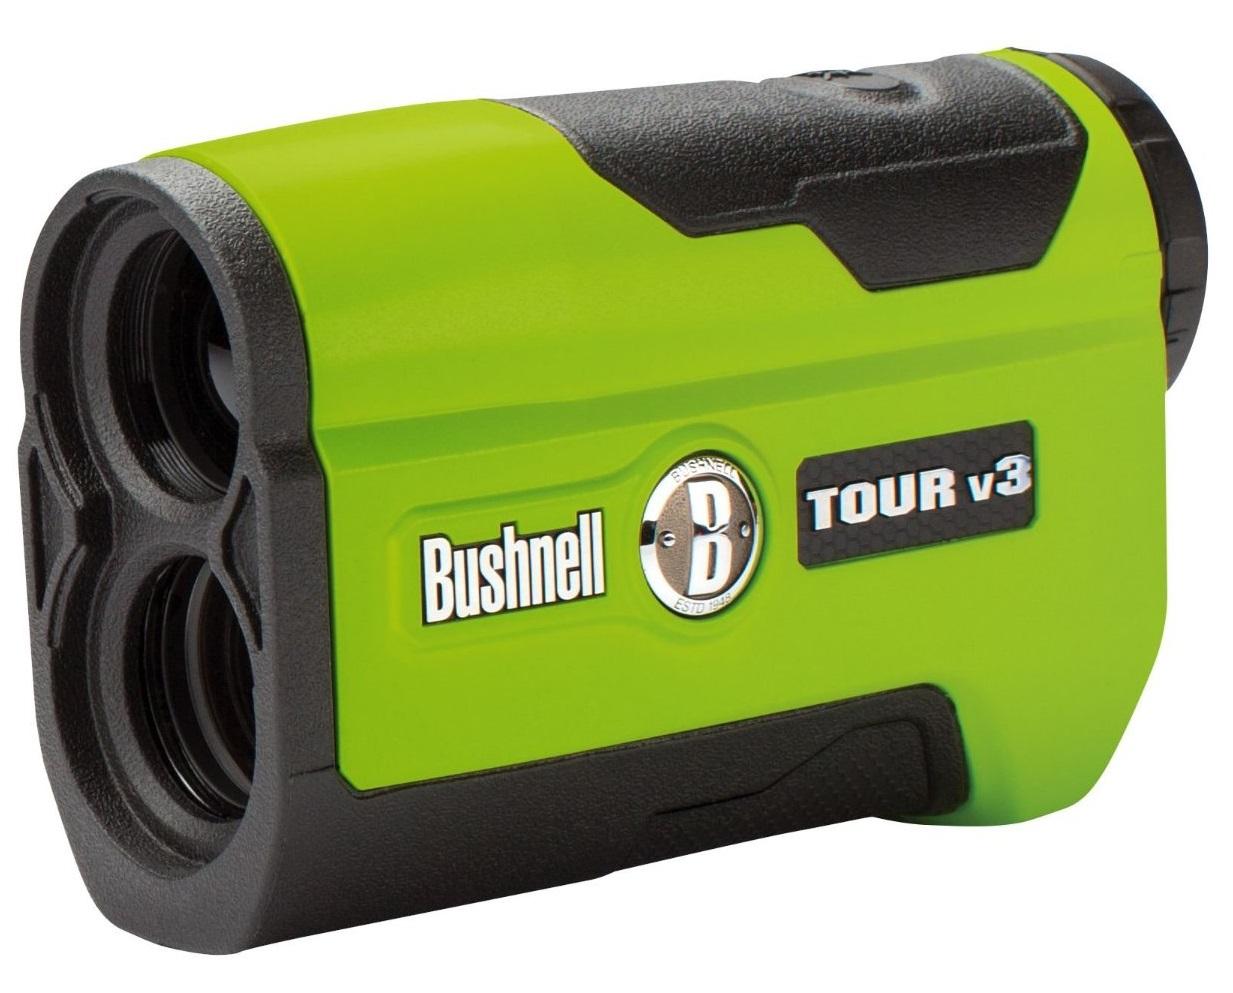 Bushnell Exclusive Tour V3 Golf Laser Rangefinders